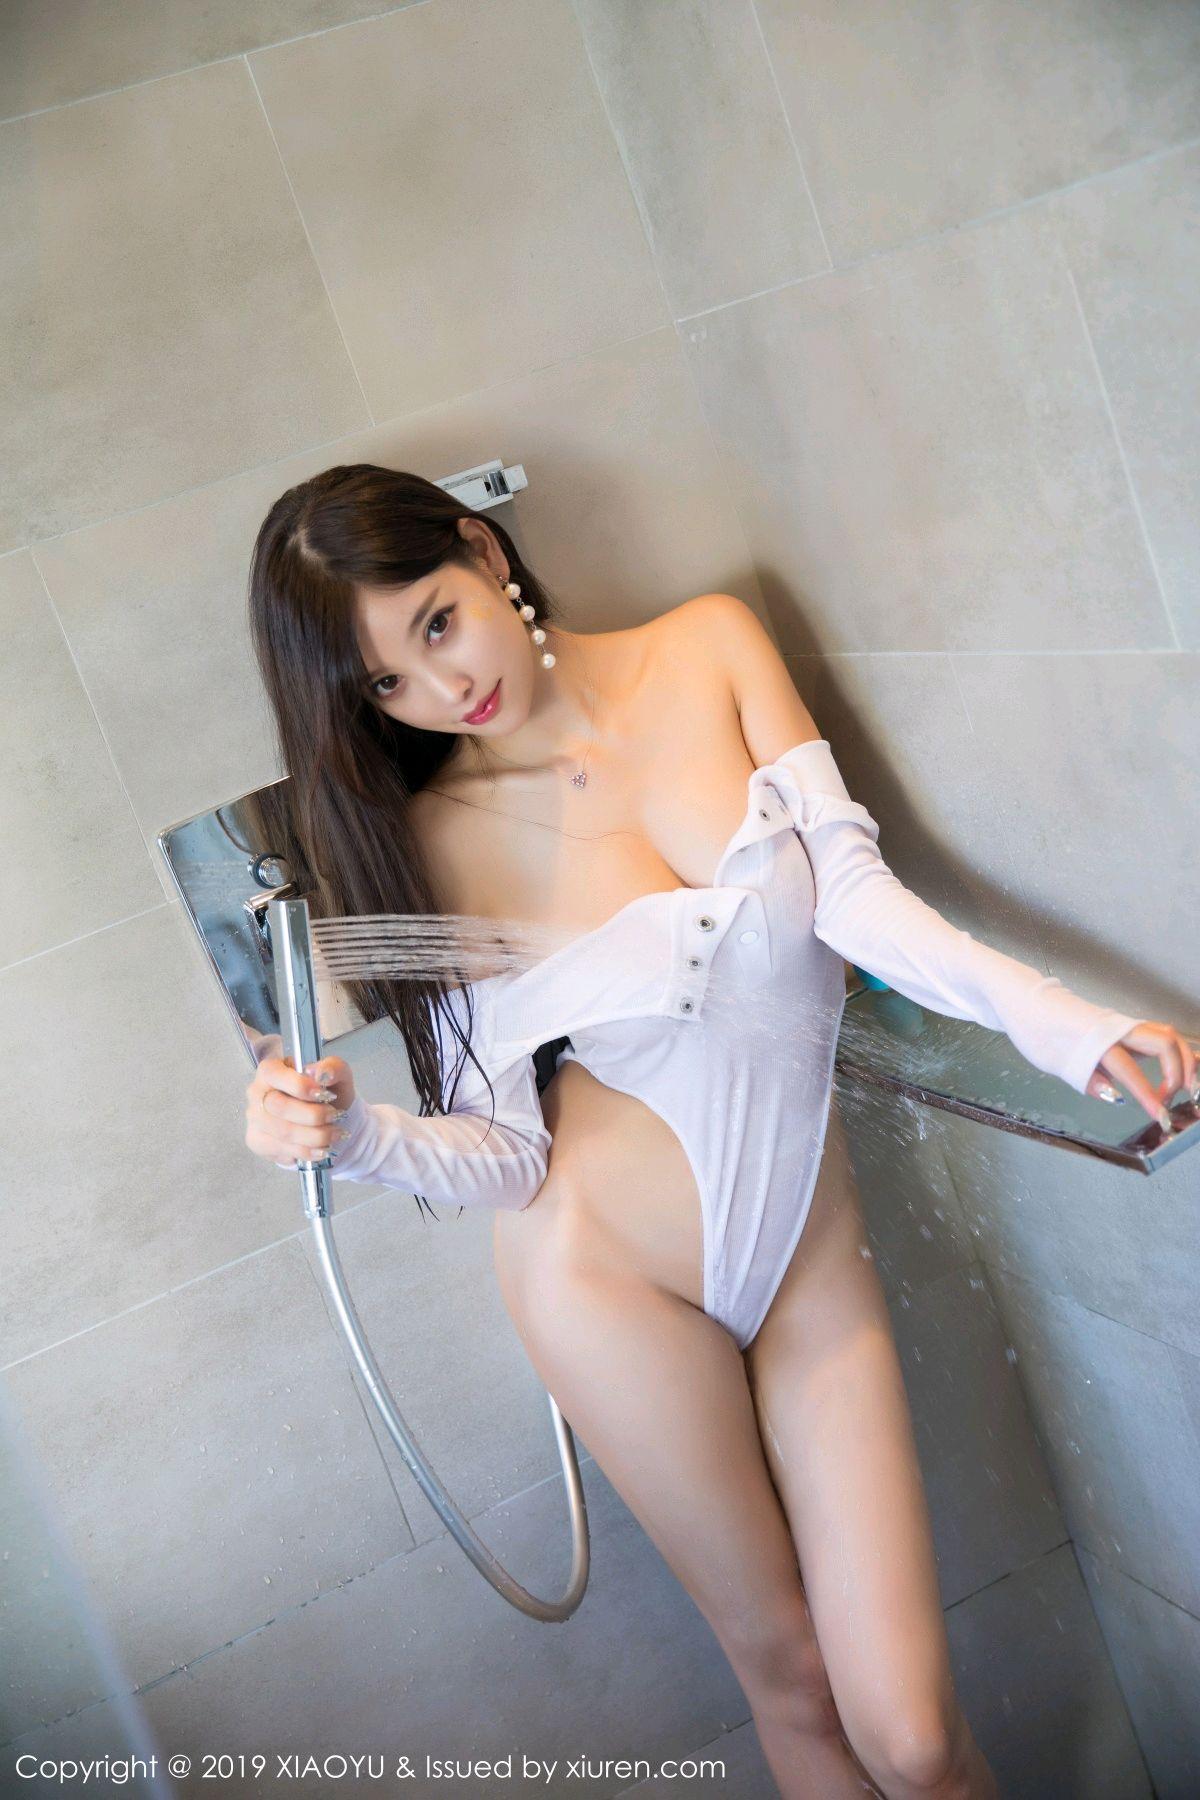 [XiaoYu] Vol.089 Yang Chen Chen 8P, Bathroom, Wet, XiaoYu, Yang Chen Chen